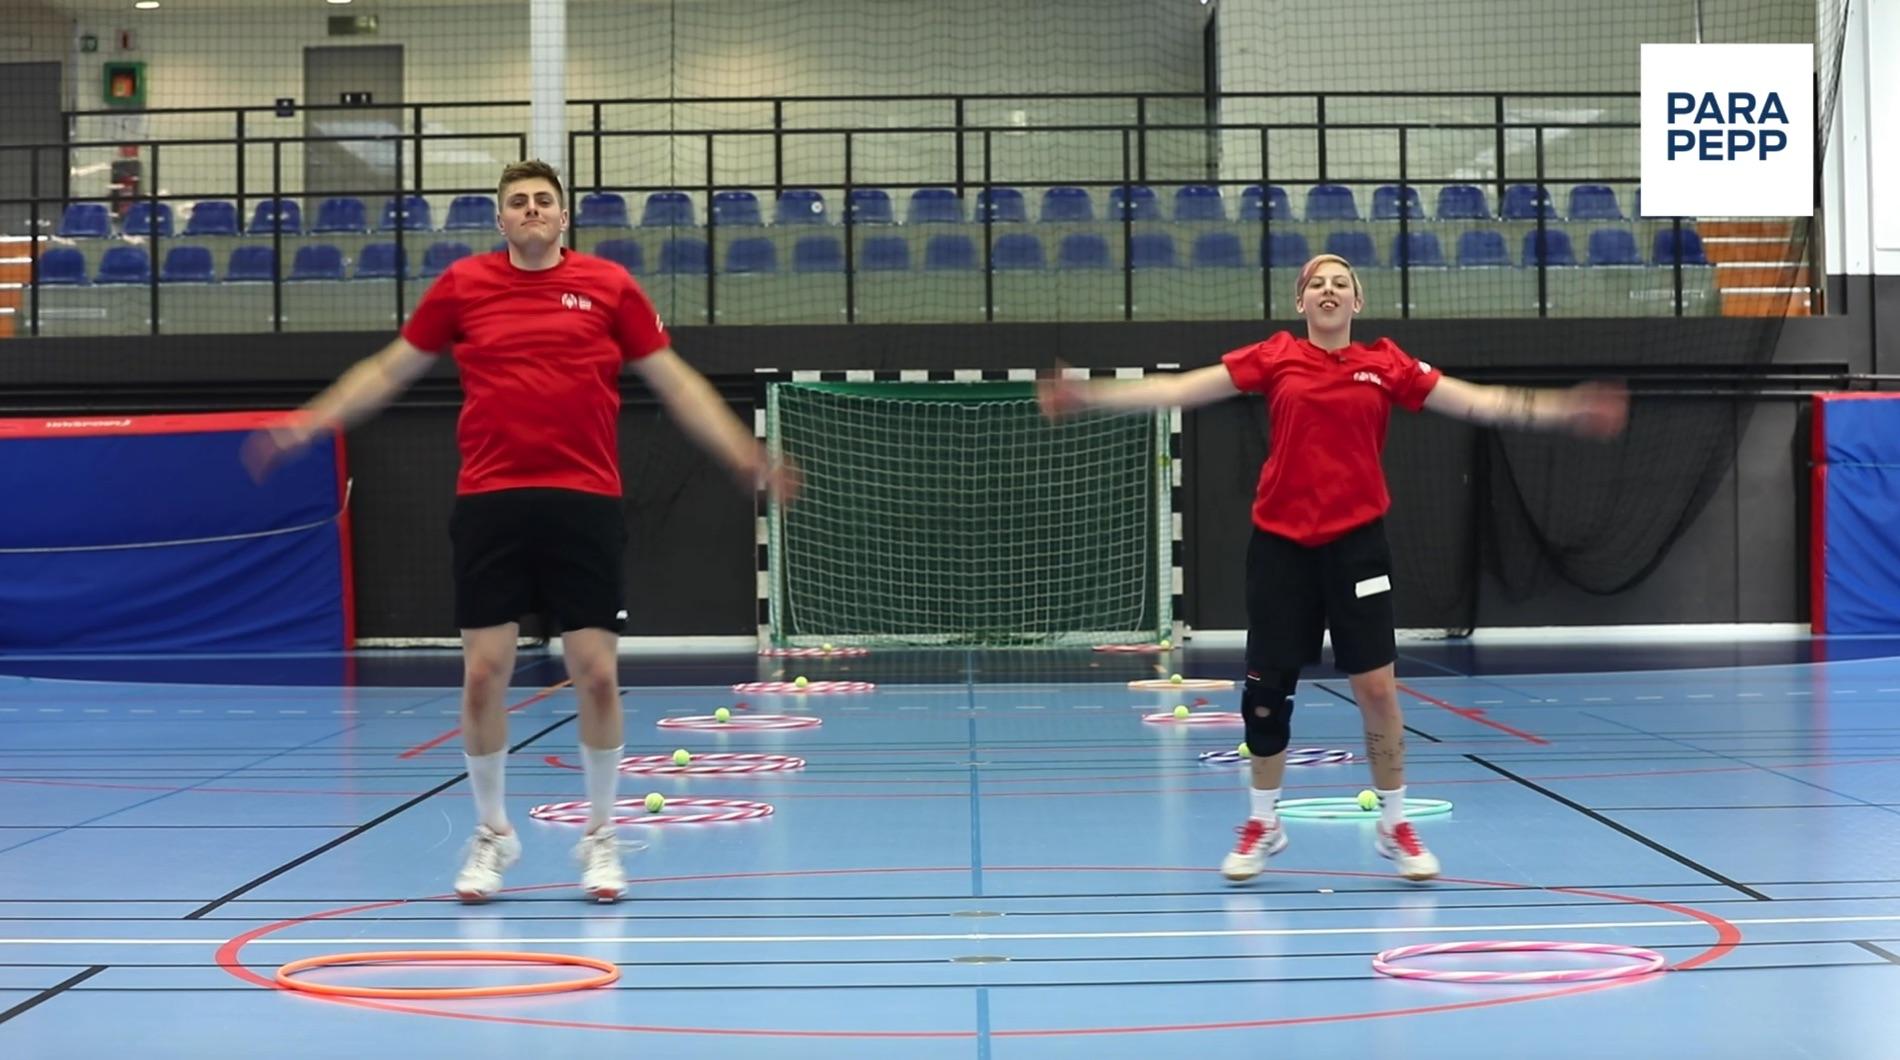 Ricky Landgraff och Alva Almgren, två av Special Olympics Sveriges ambassadörer, håller i träningspass för projektet ParaPepp.